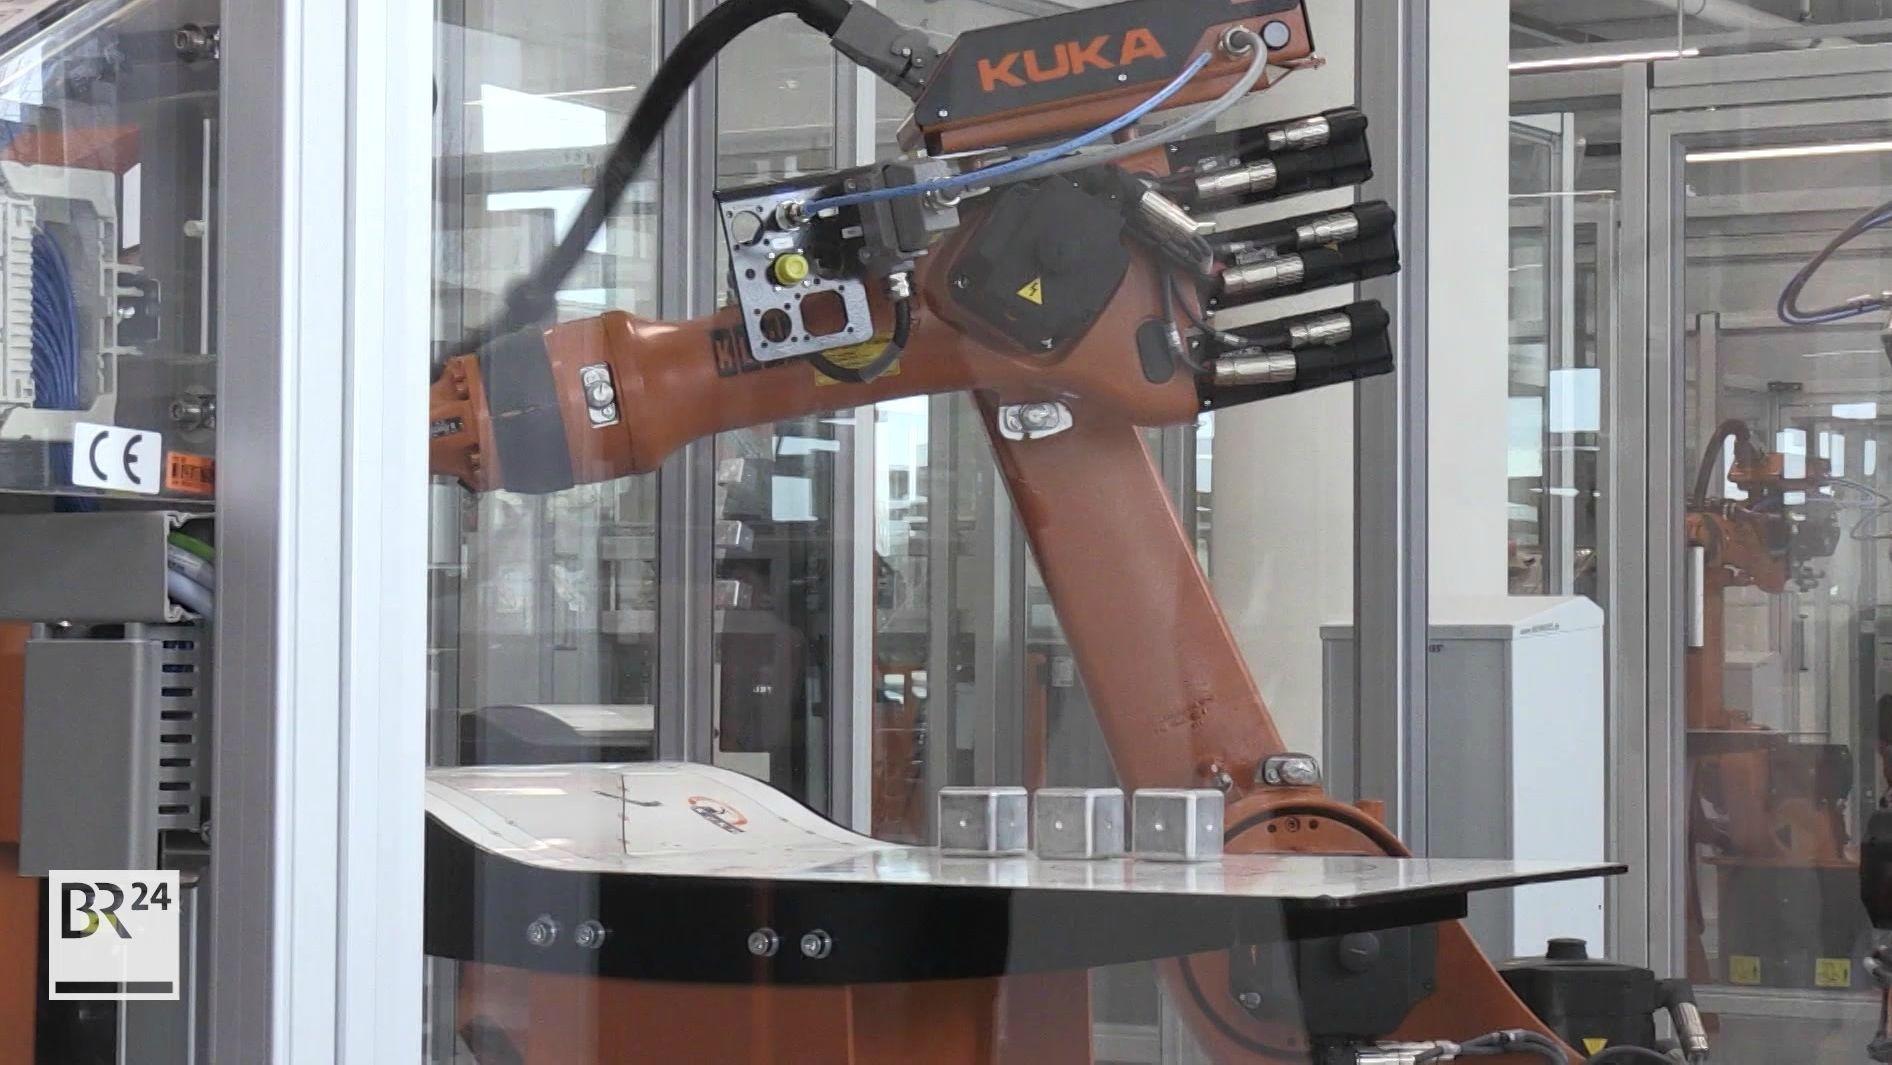 Der Roboterhersteller Kuka im unterfränkischen Obernburg will bis zu 165 Arbeitsplätze streichen. Schuld sei die angespannte wirtschaftliche Lage, heißt es.